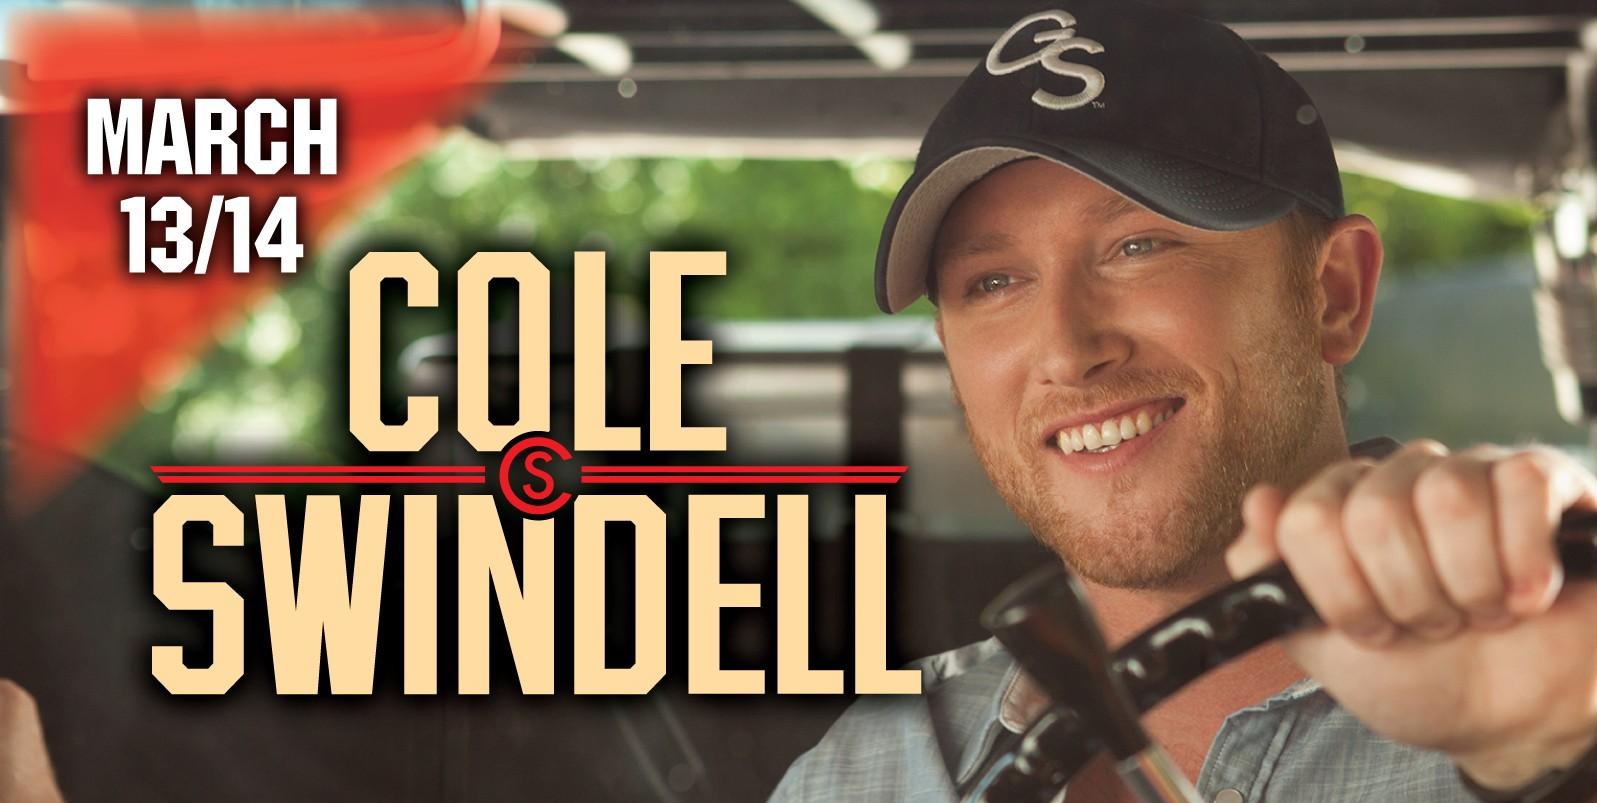 Cole Swindell Web Image